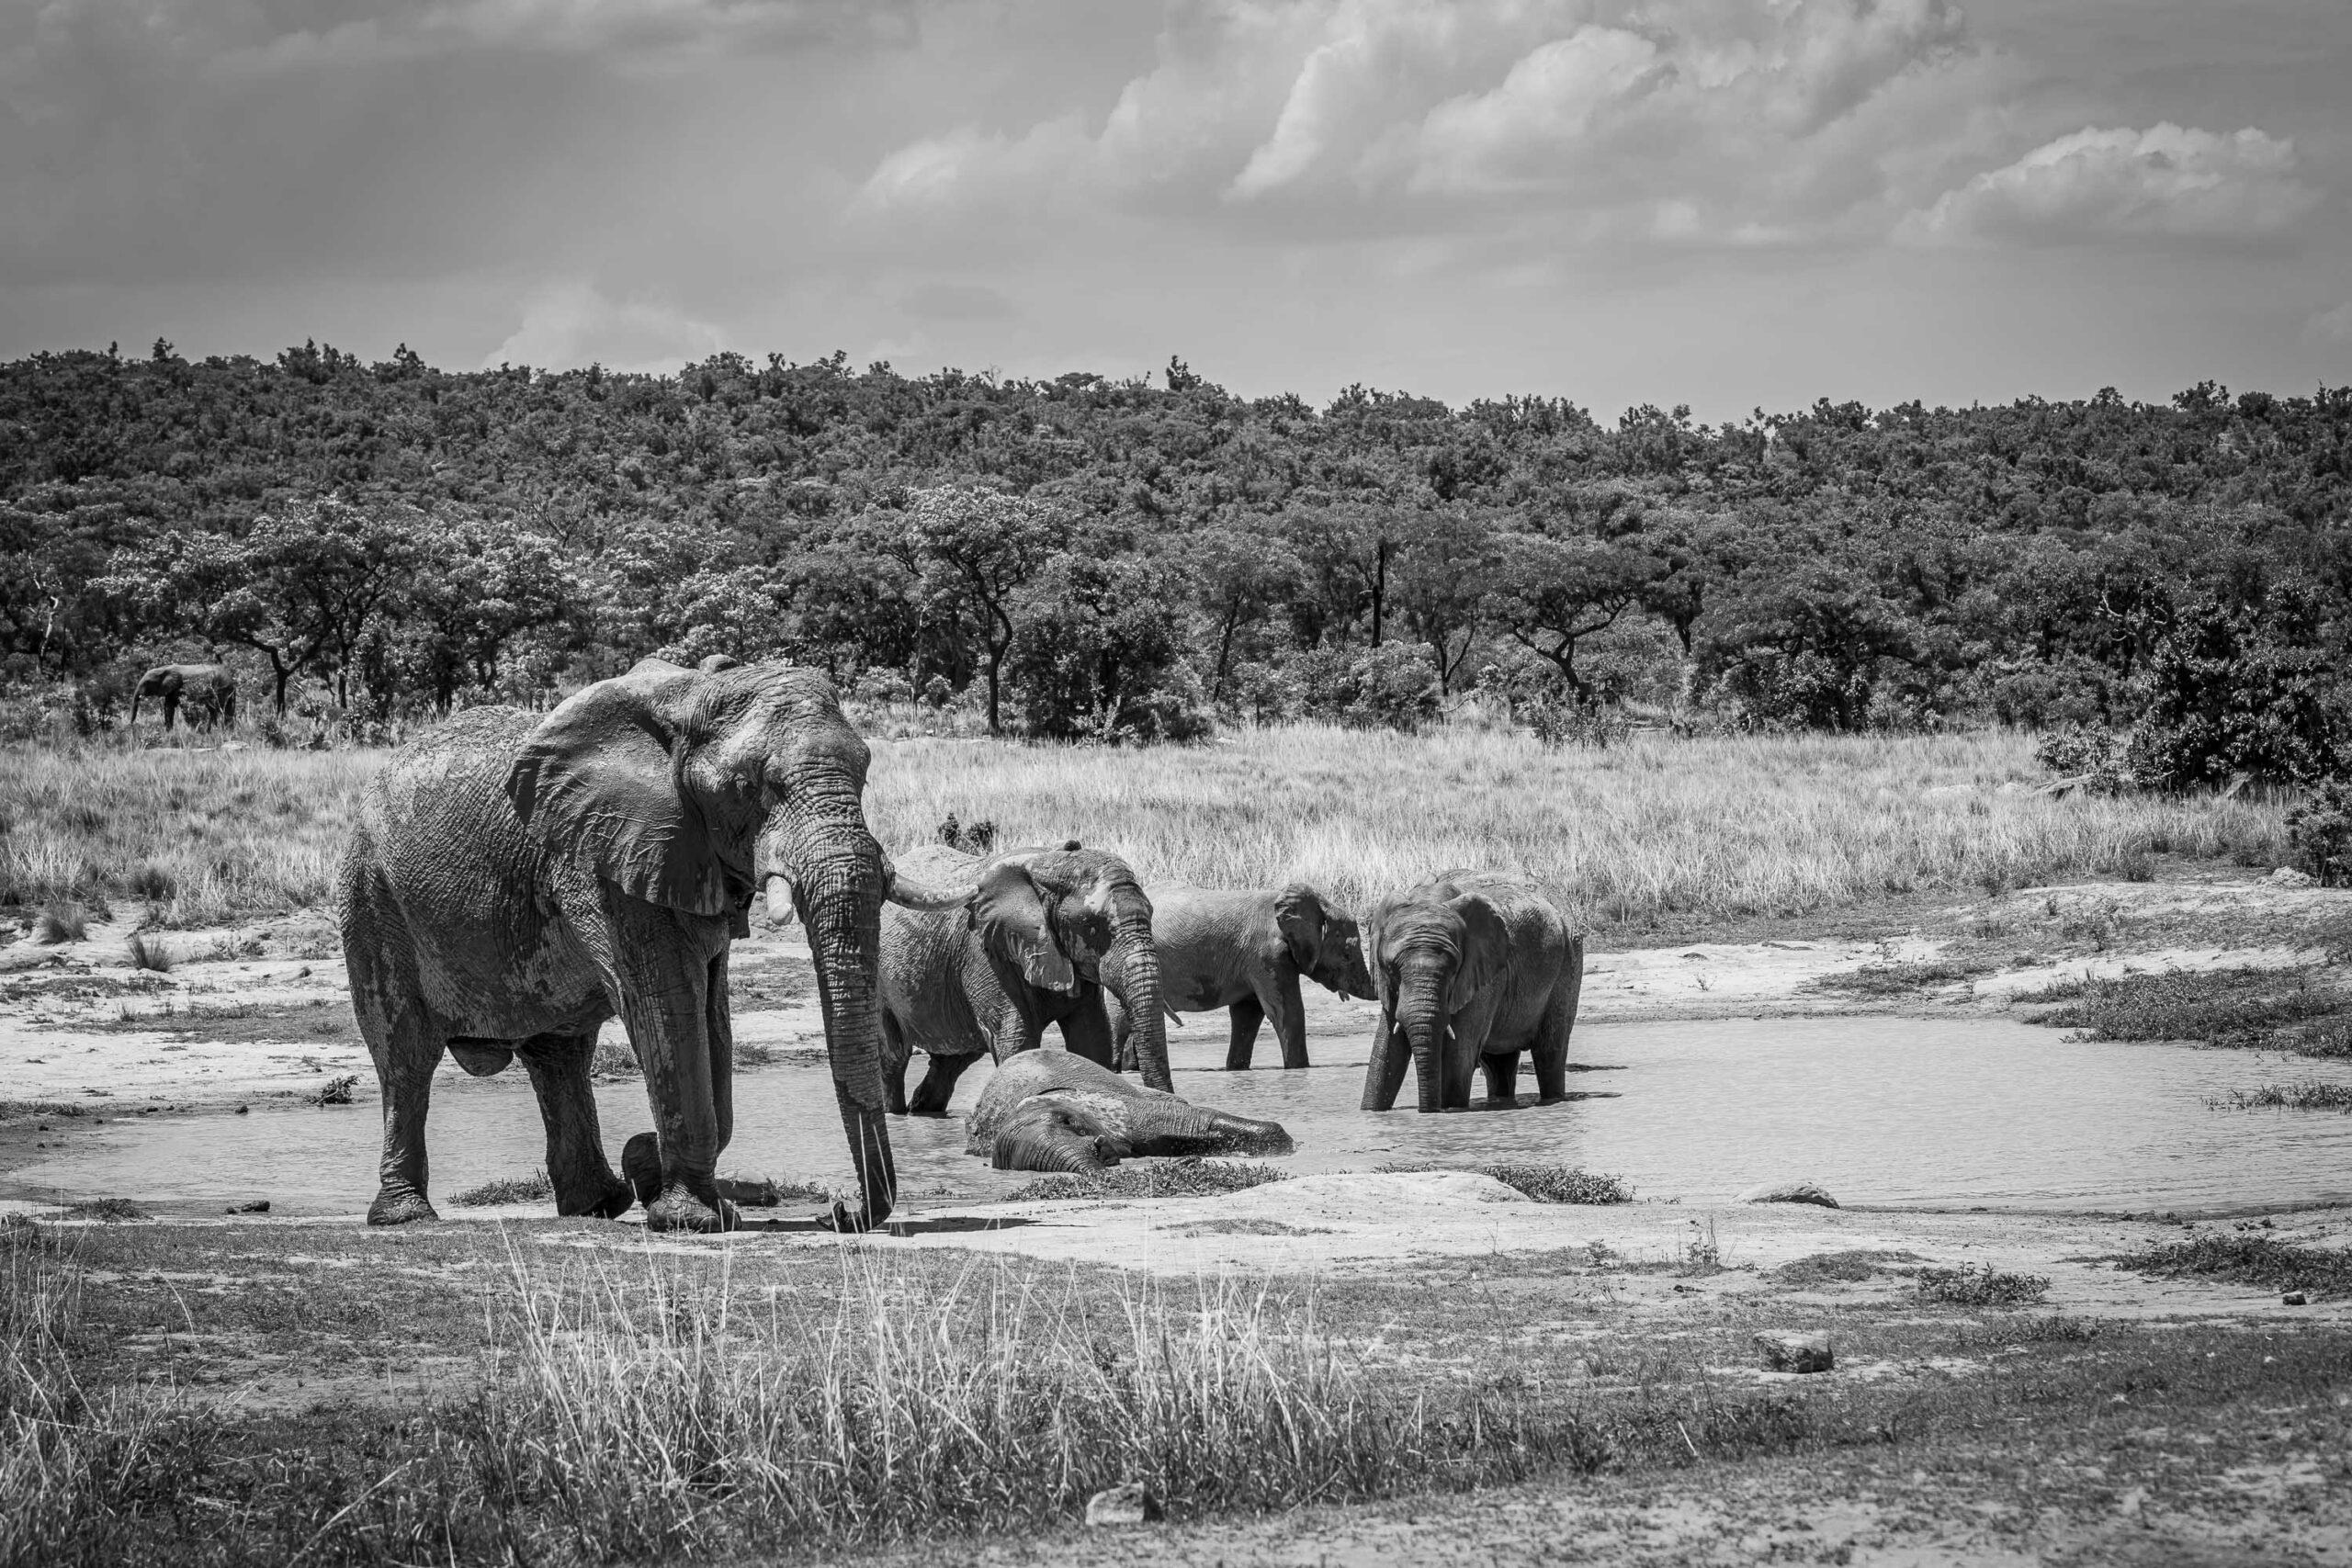 http://ElephantsWateringHole